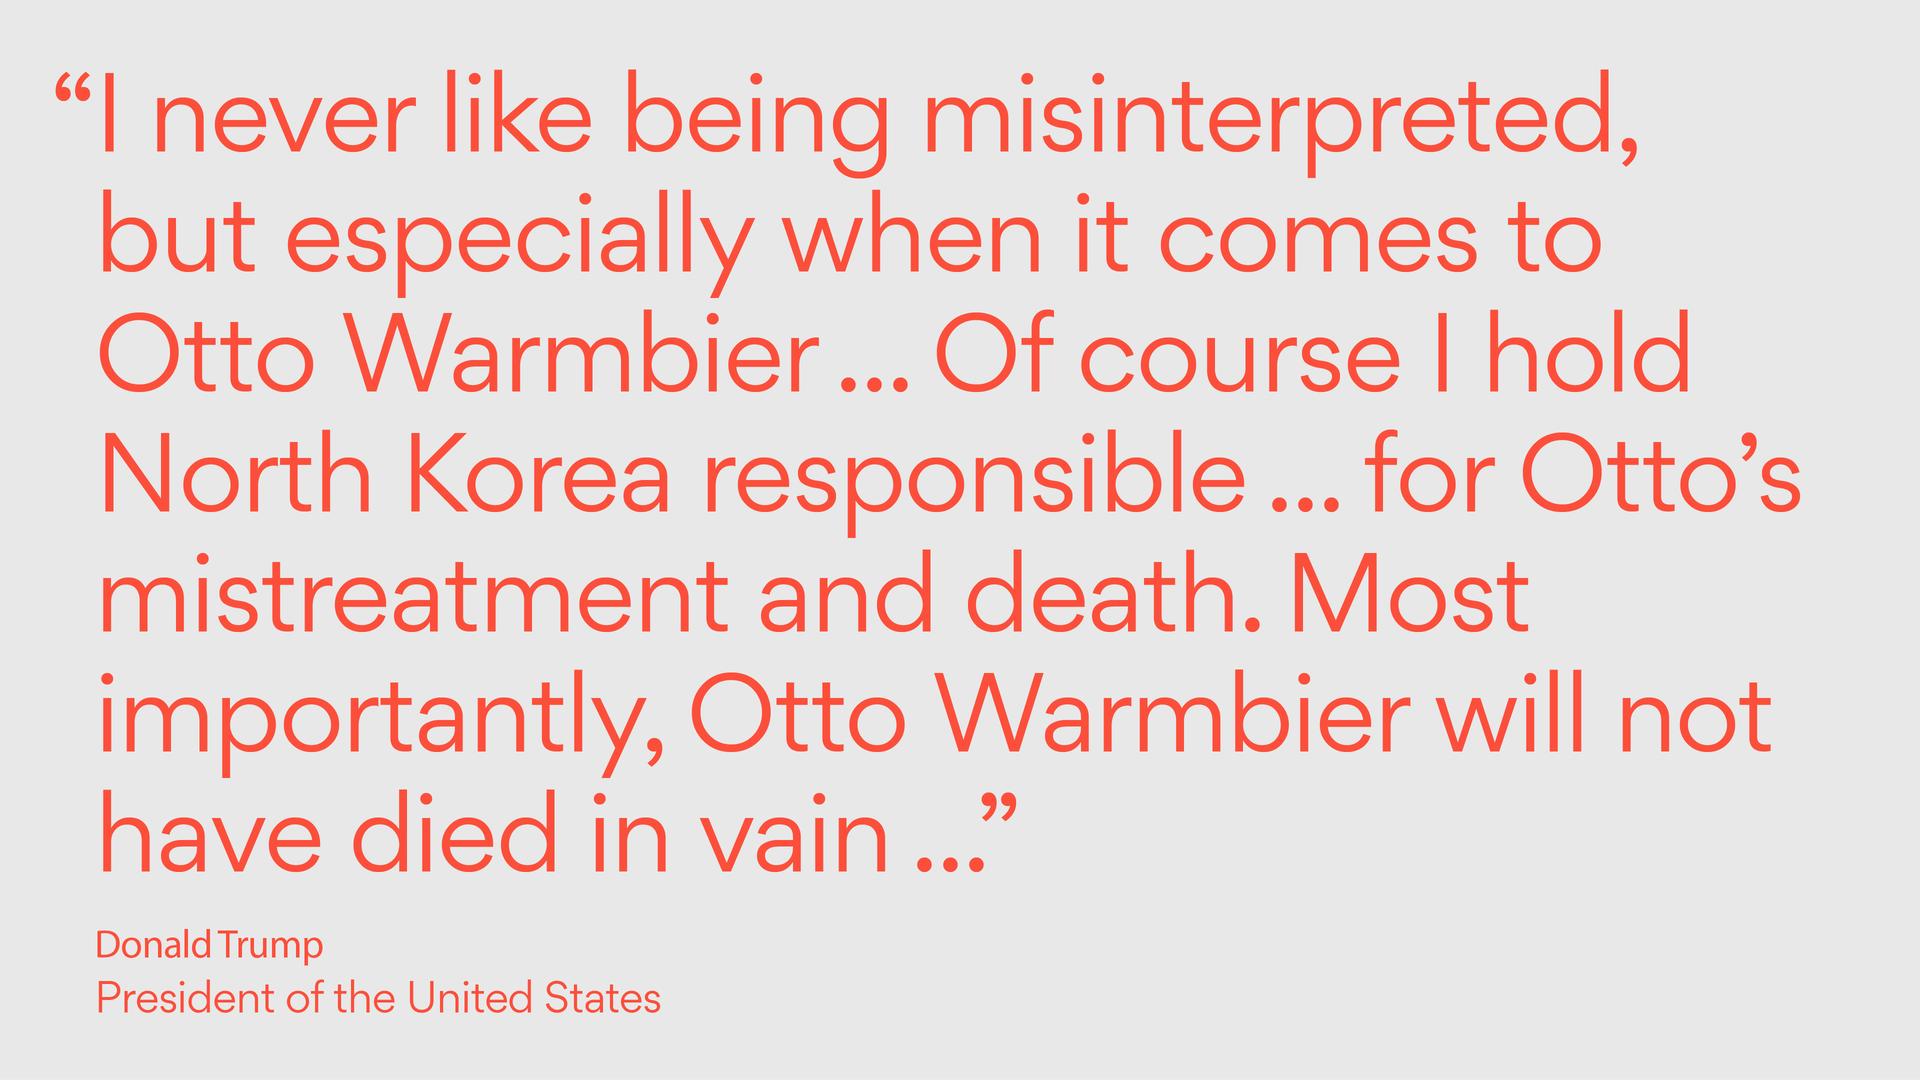 Trump quote on Otto Warmbier